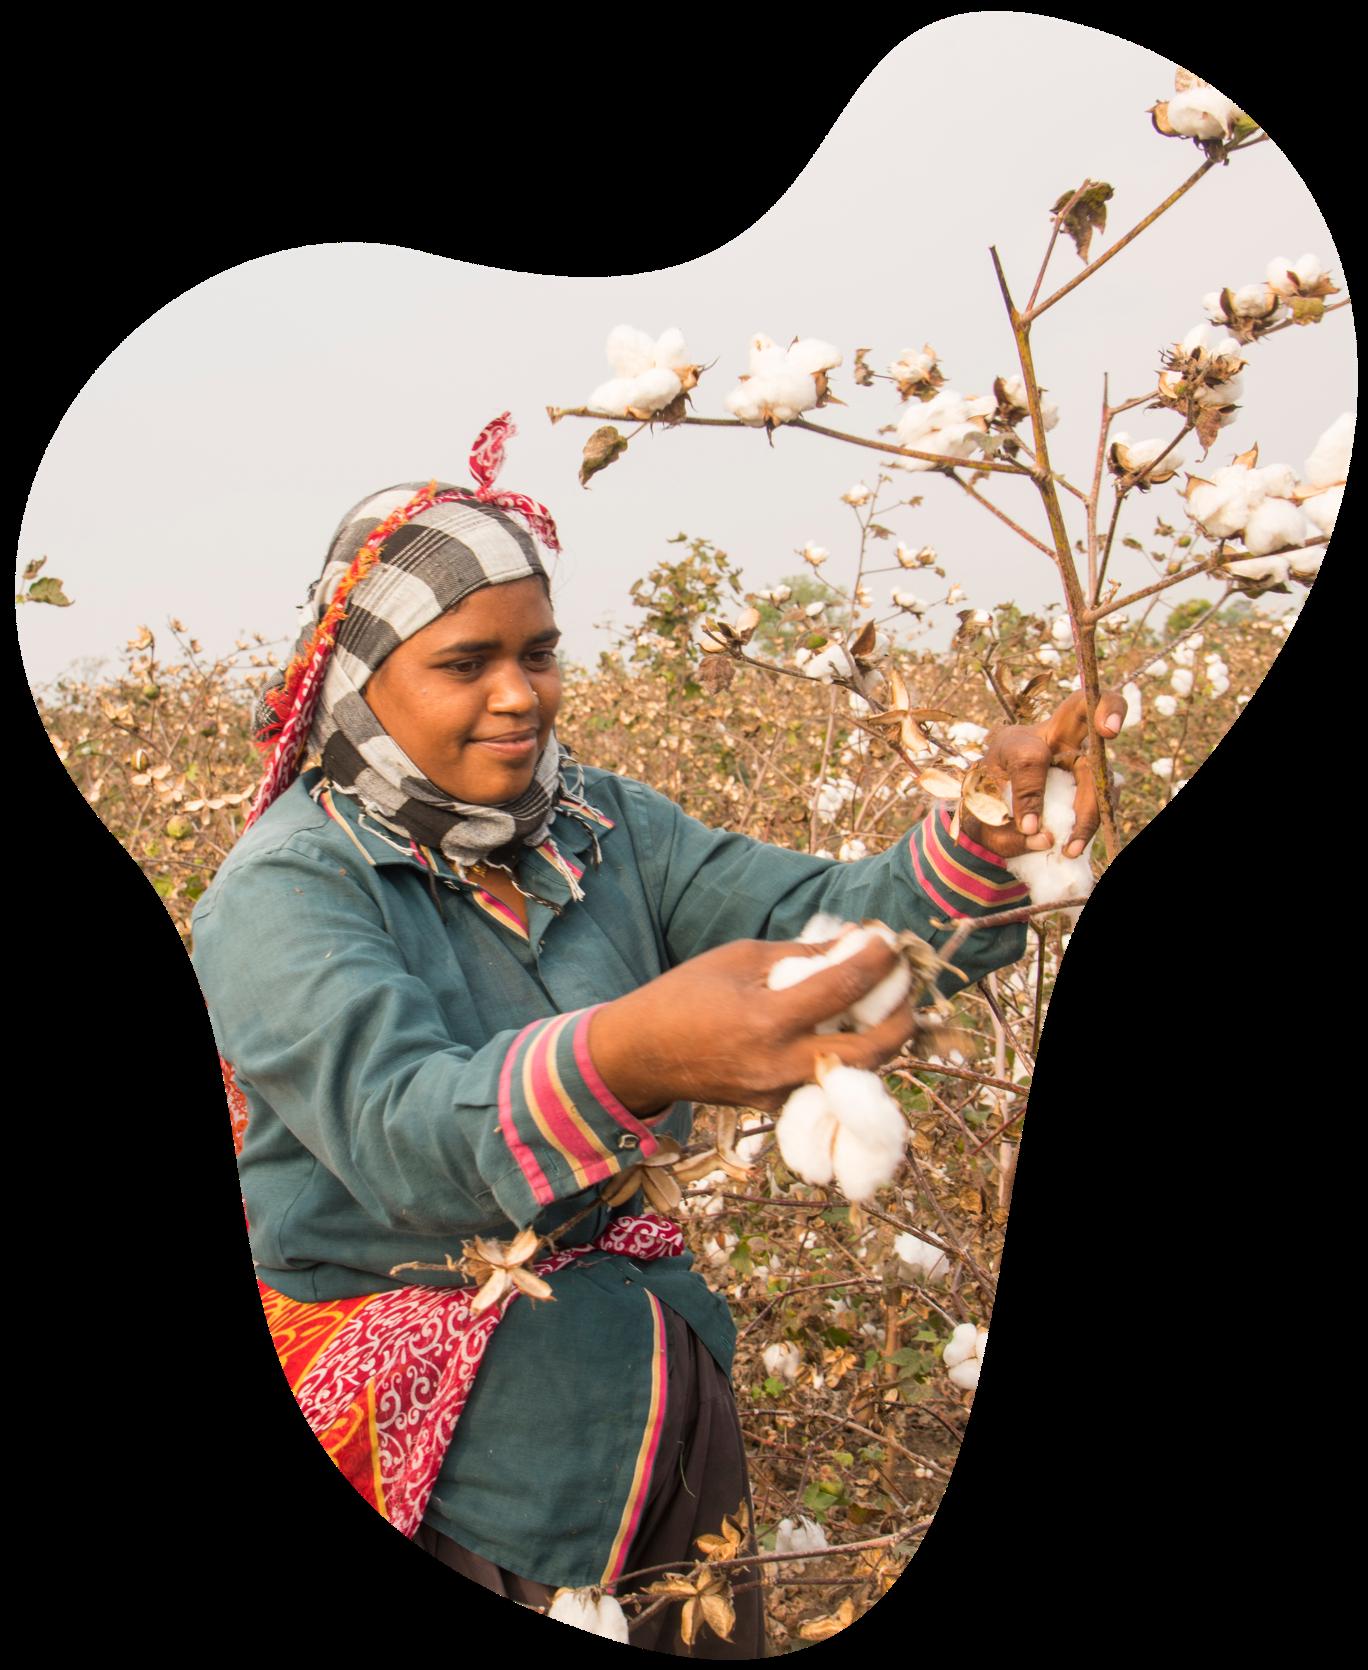 Woman cotton farming